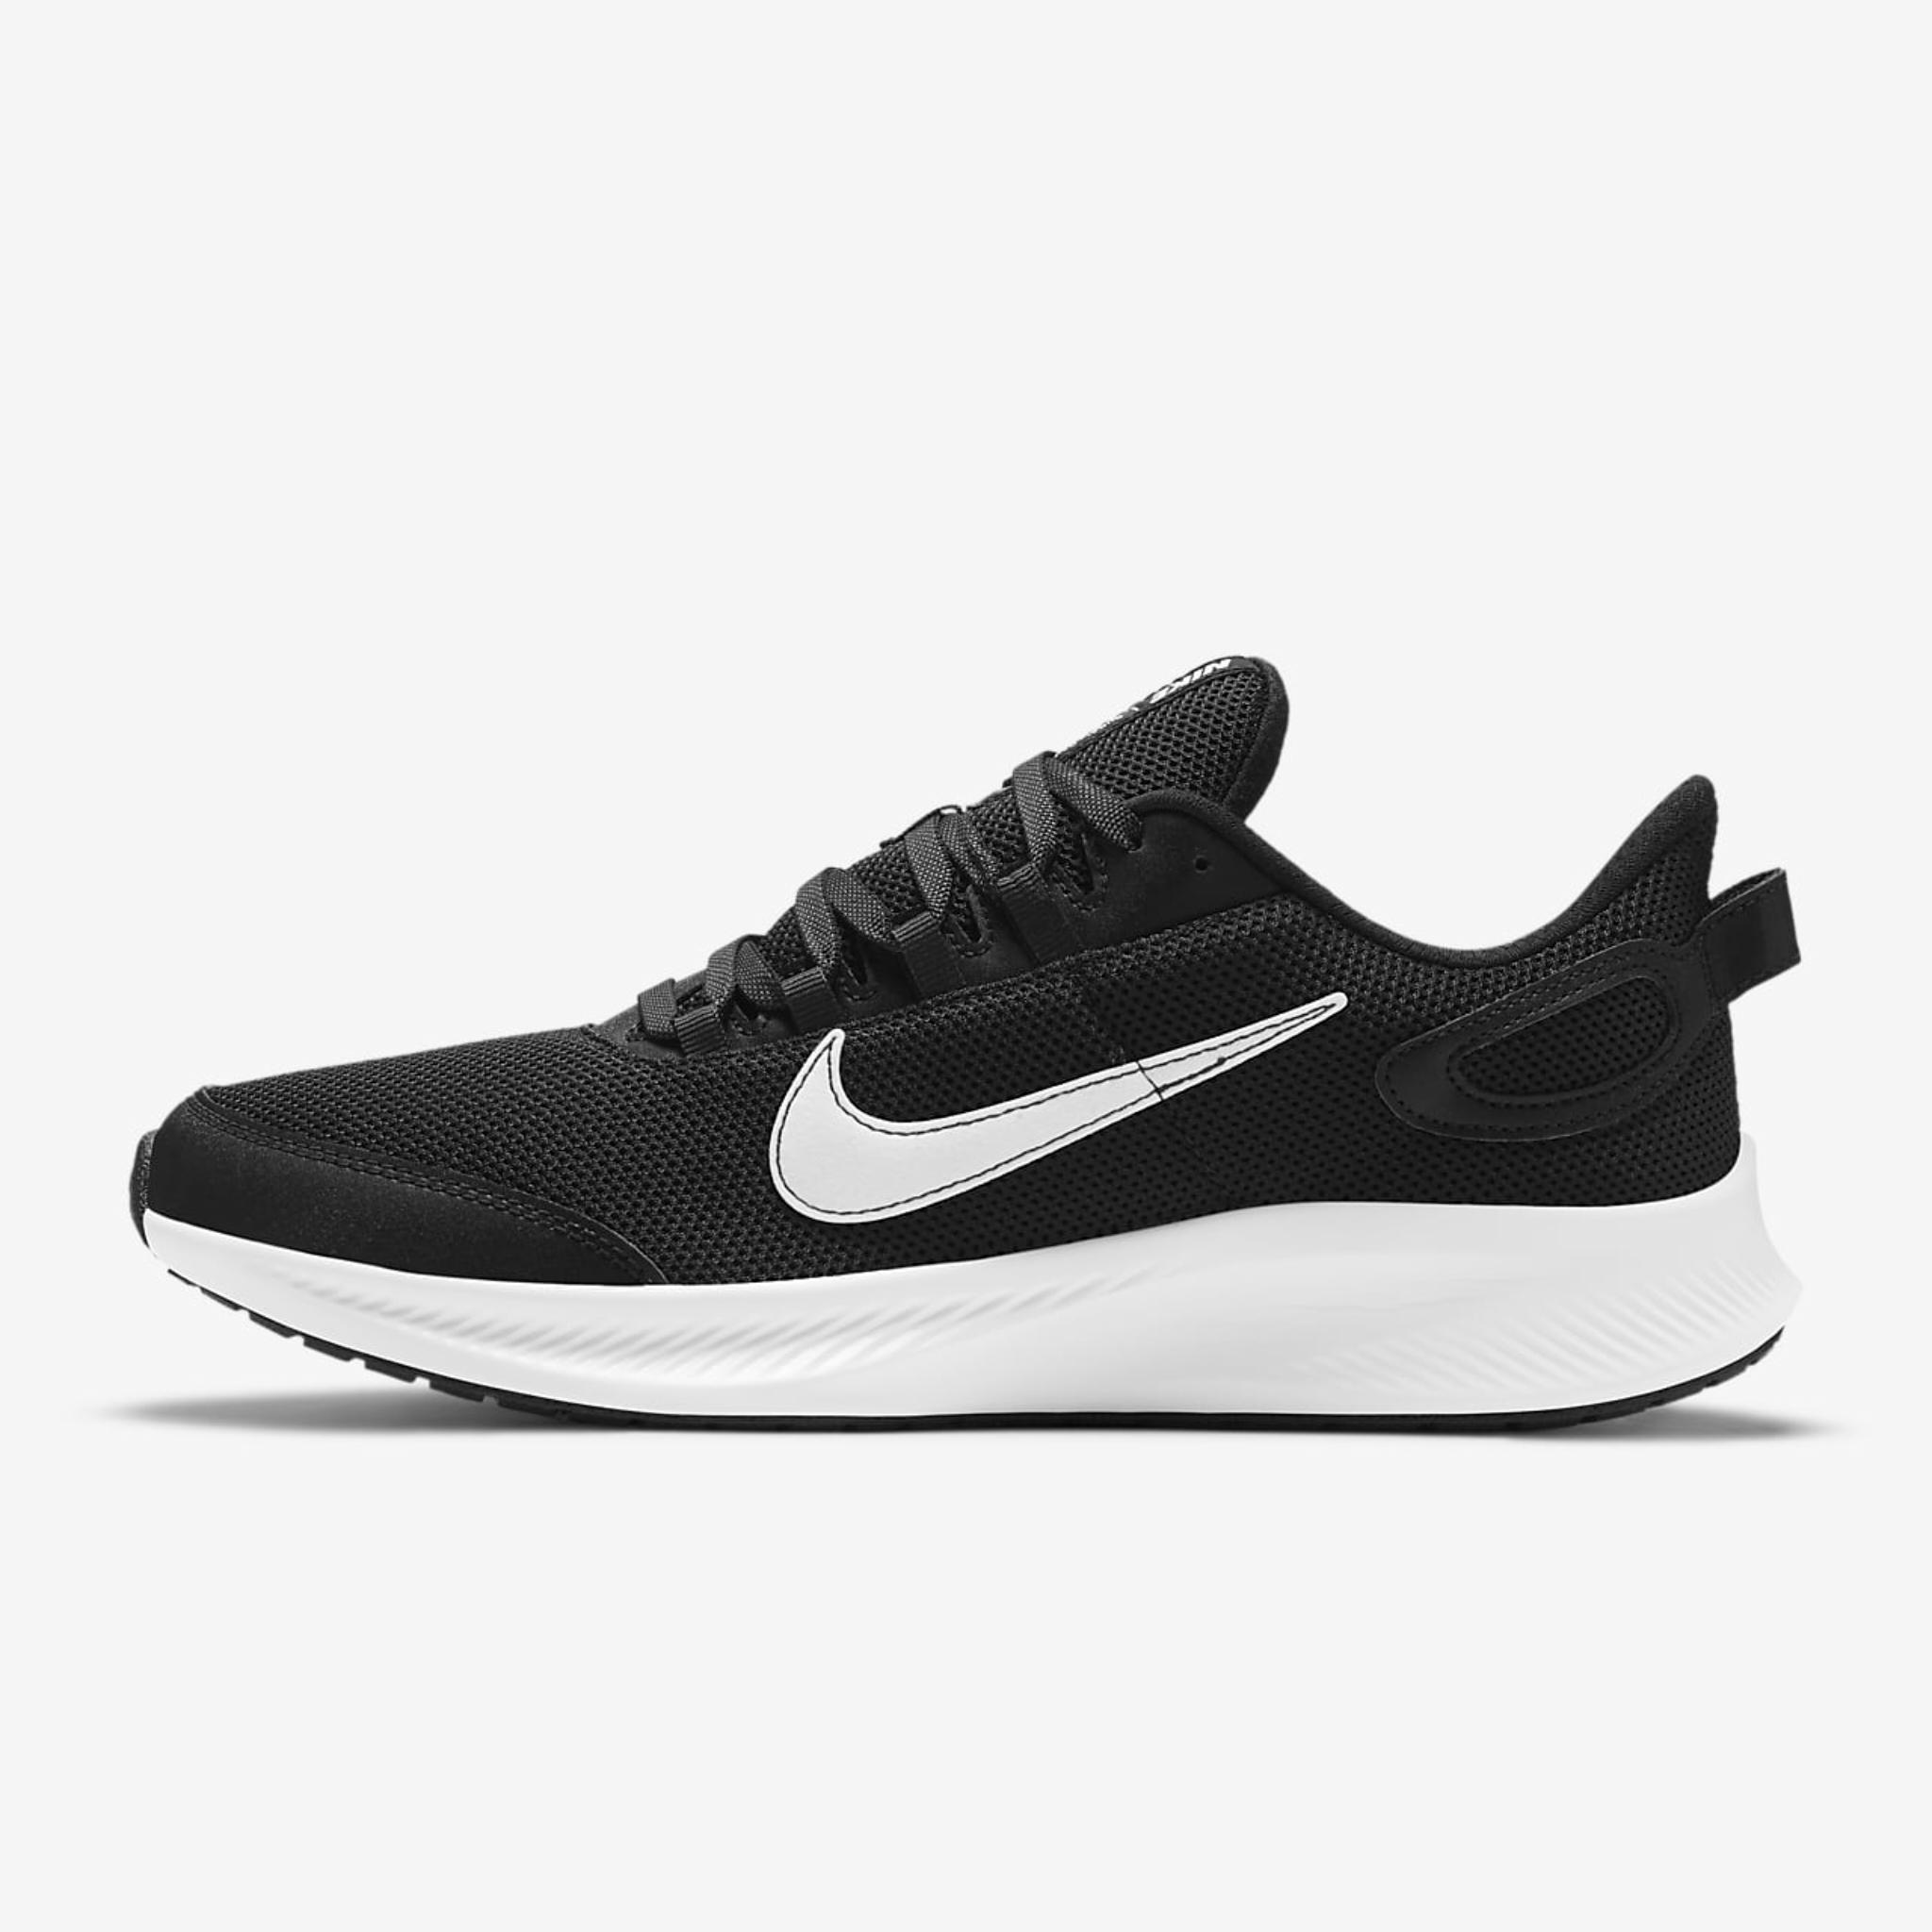 کفش پیاده روی مردانه نایکی مدل RUN ALL DAY 2